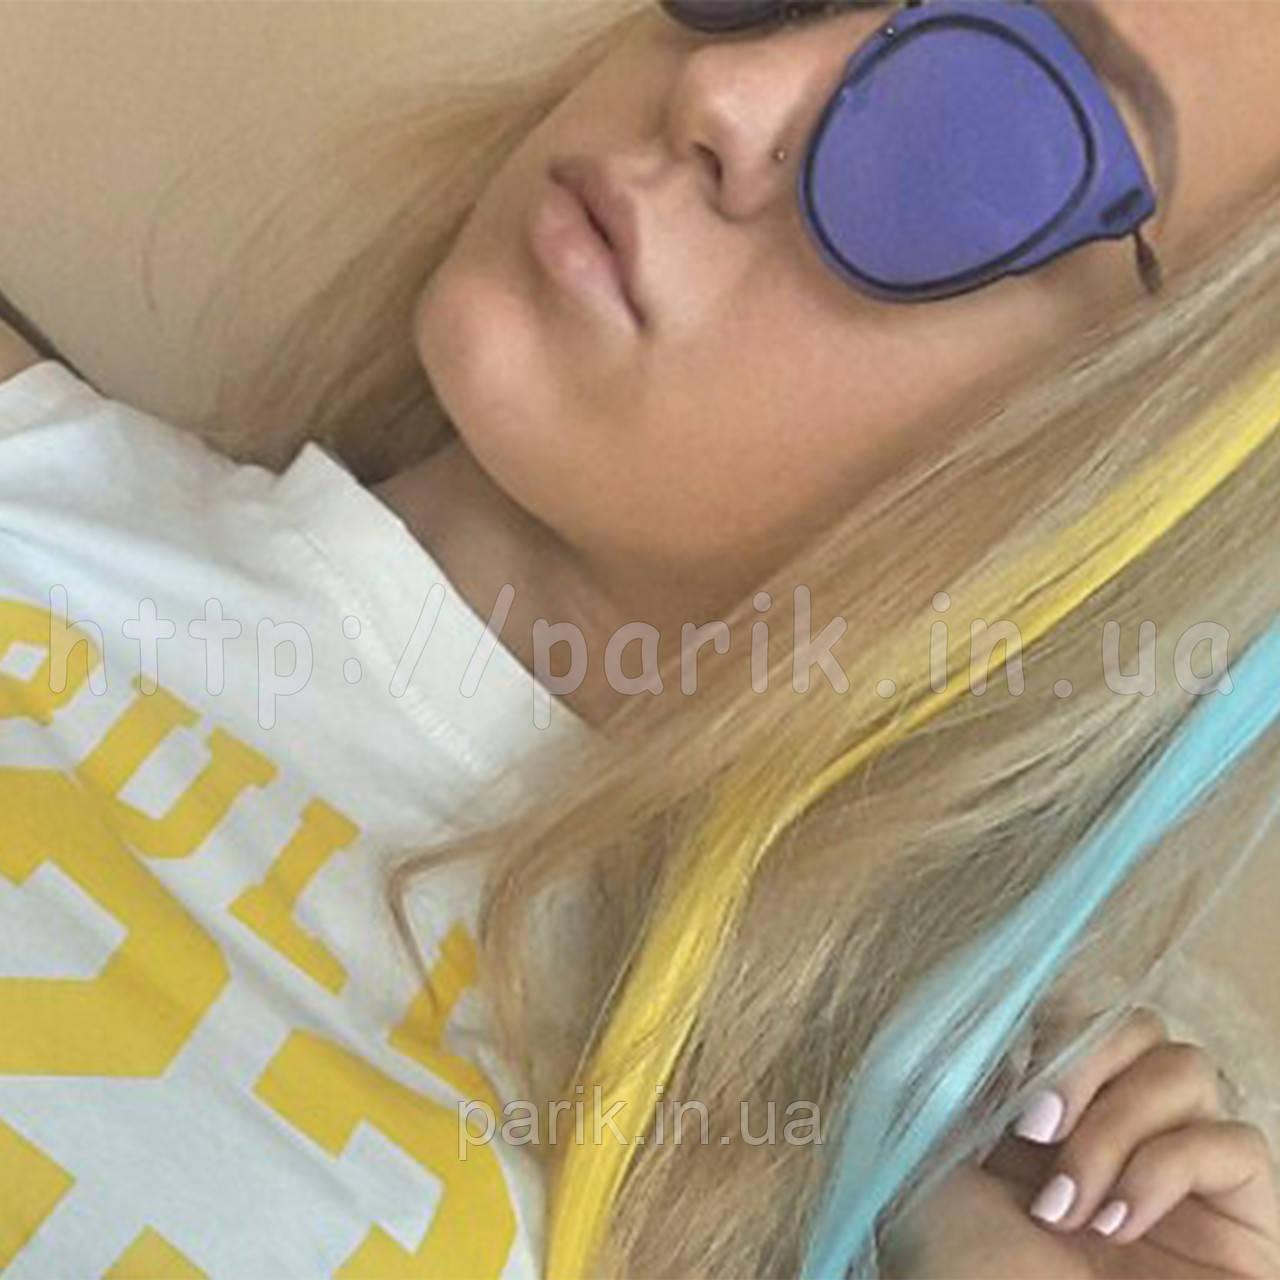 💛 Волосся на кліпсах заколках накладне жовте 💛